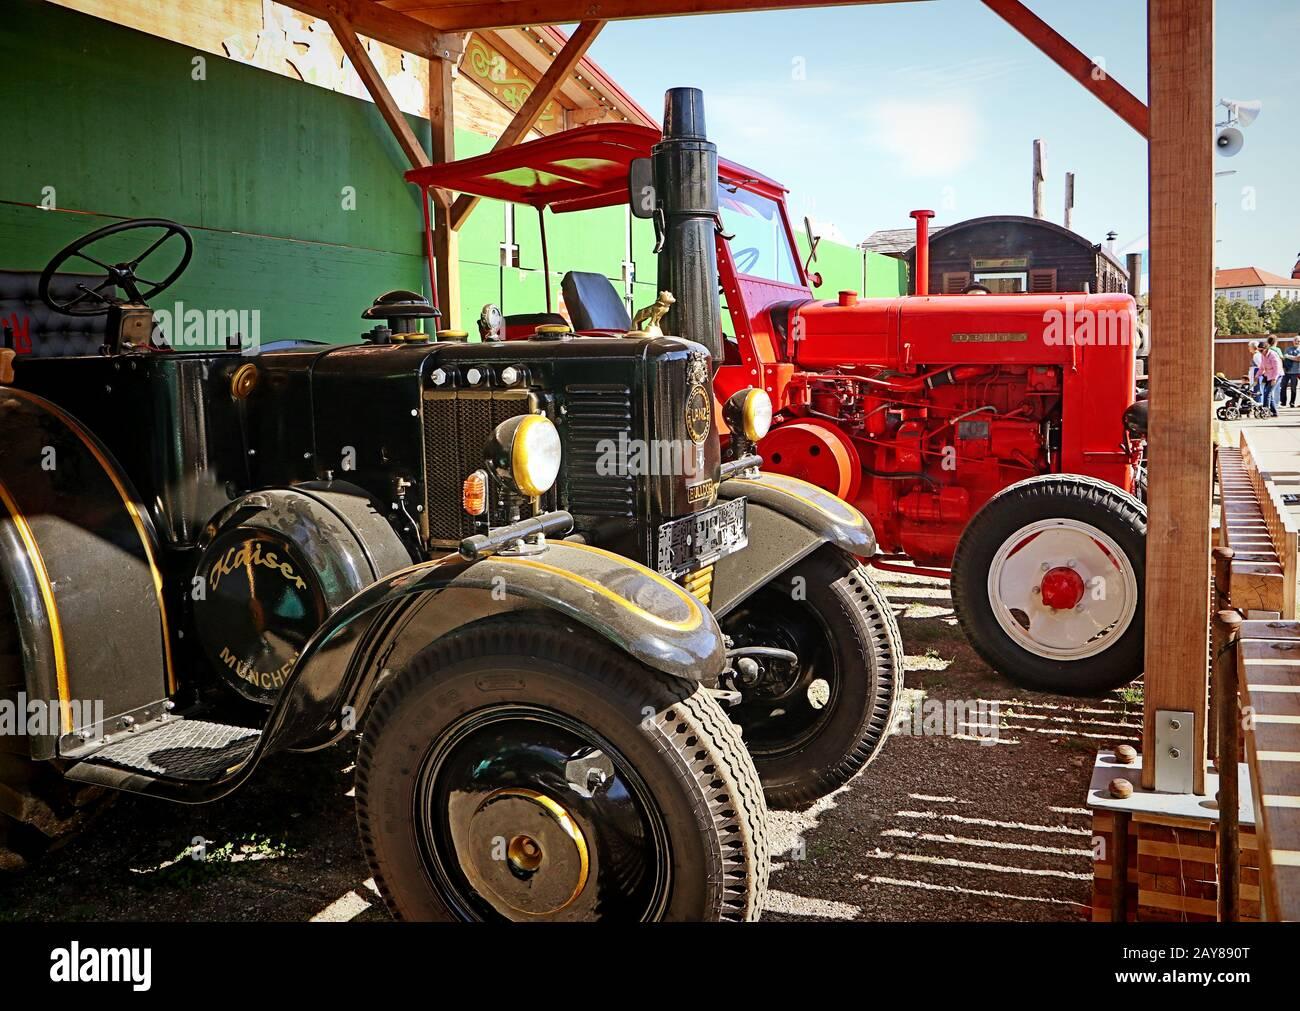 Munich, ALLEMAGNE Lanz Bulldog tracteur d'époque et une machine rouge Deutz exposée à l'Oide Wiesn partie historique de l'Oktoberfest à Munich, une famille an Banque D'Images